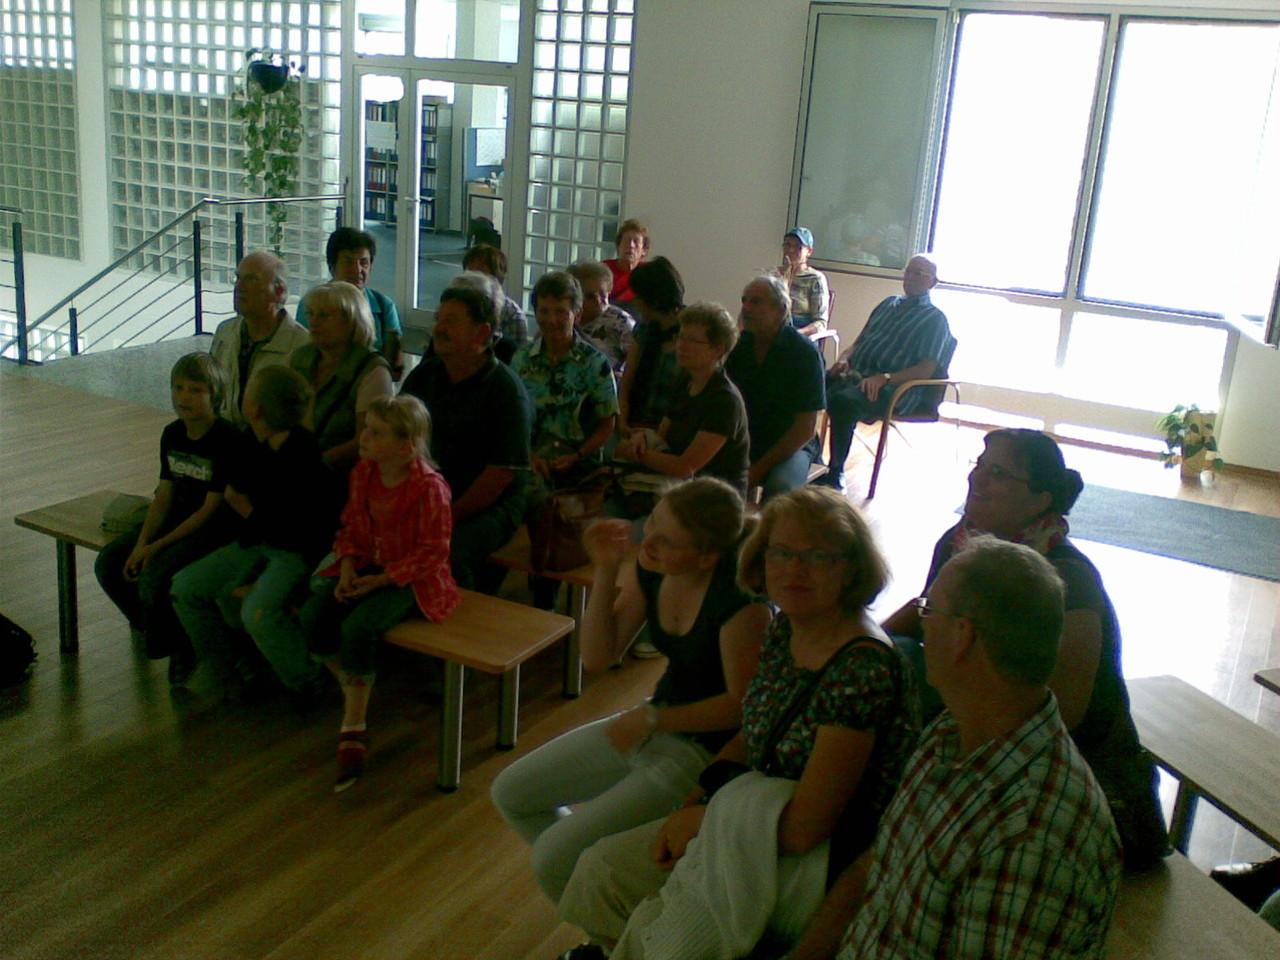 Vortrag bei Erbacher - 22.07.11